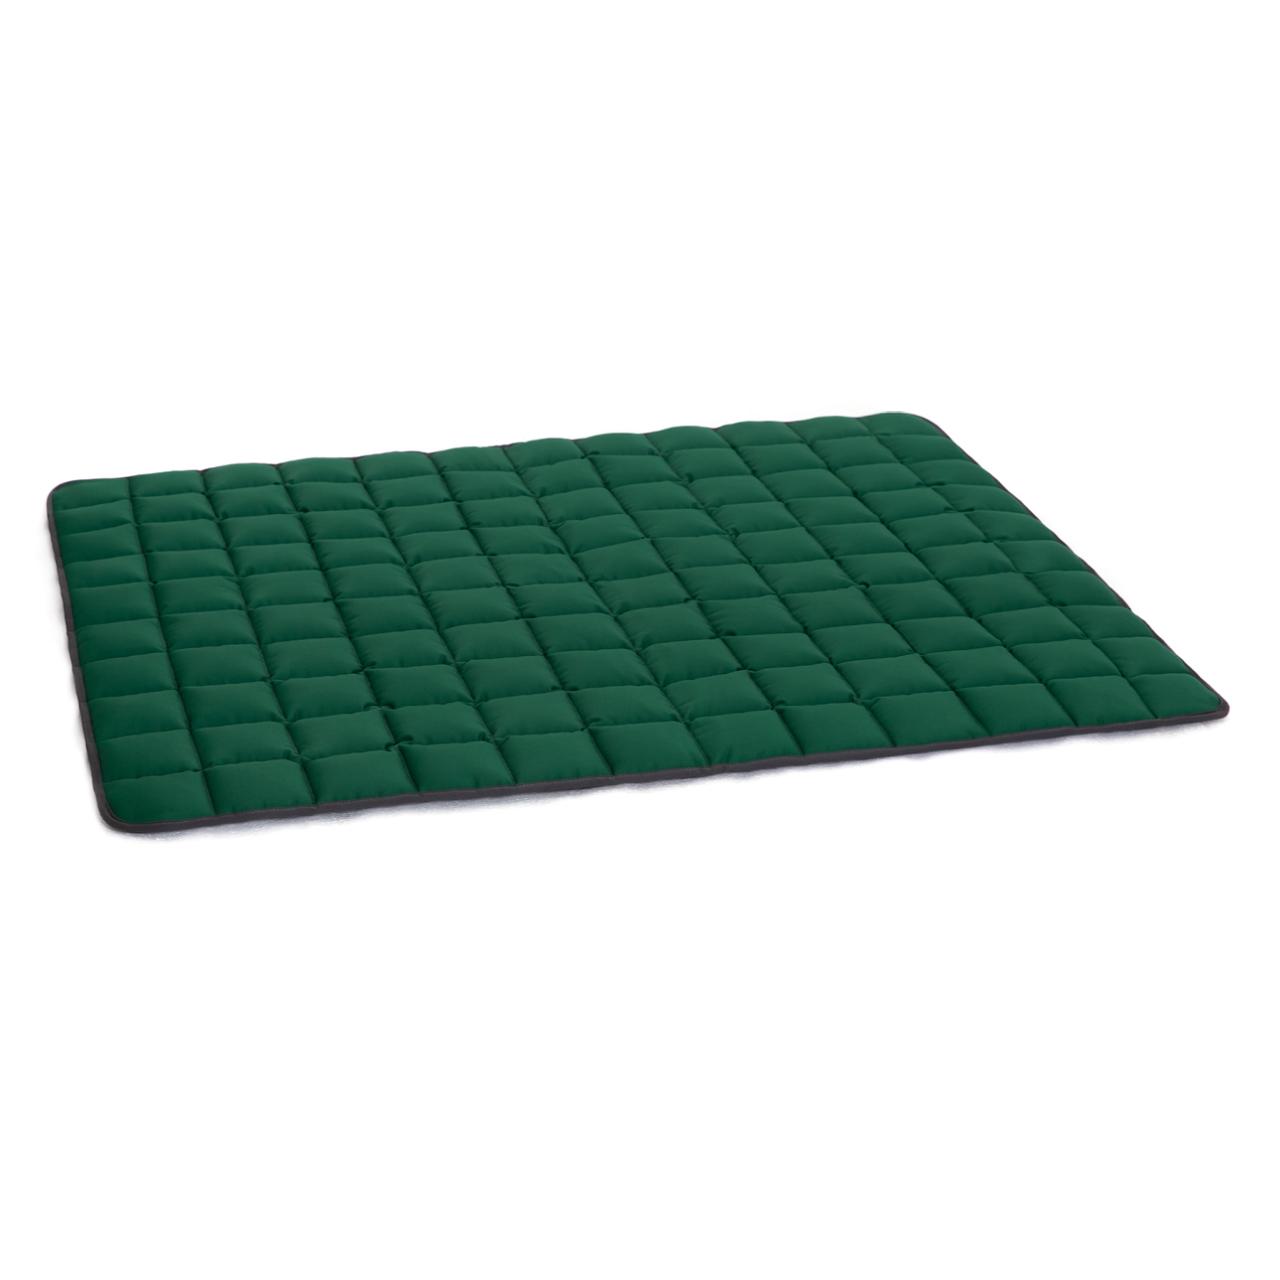 Wende-Steppdecke grau - grün XL